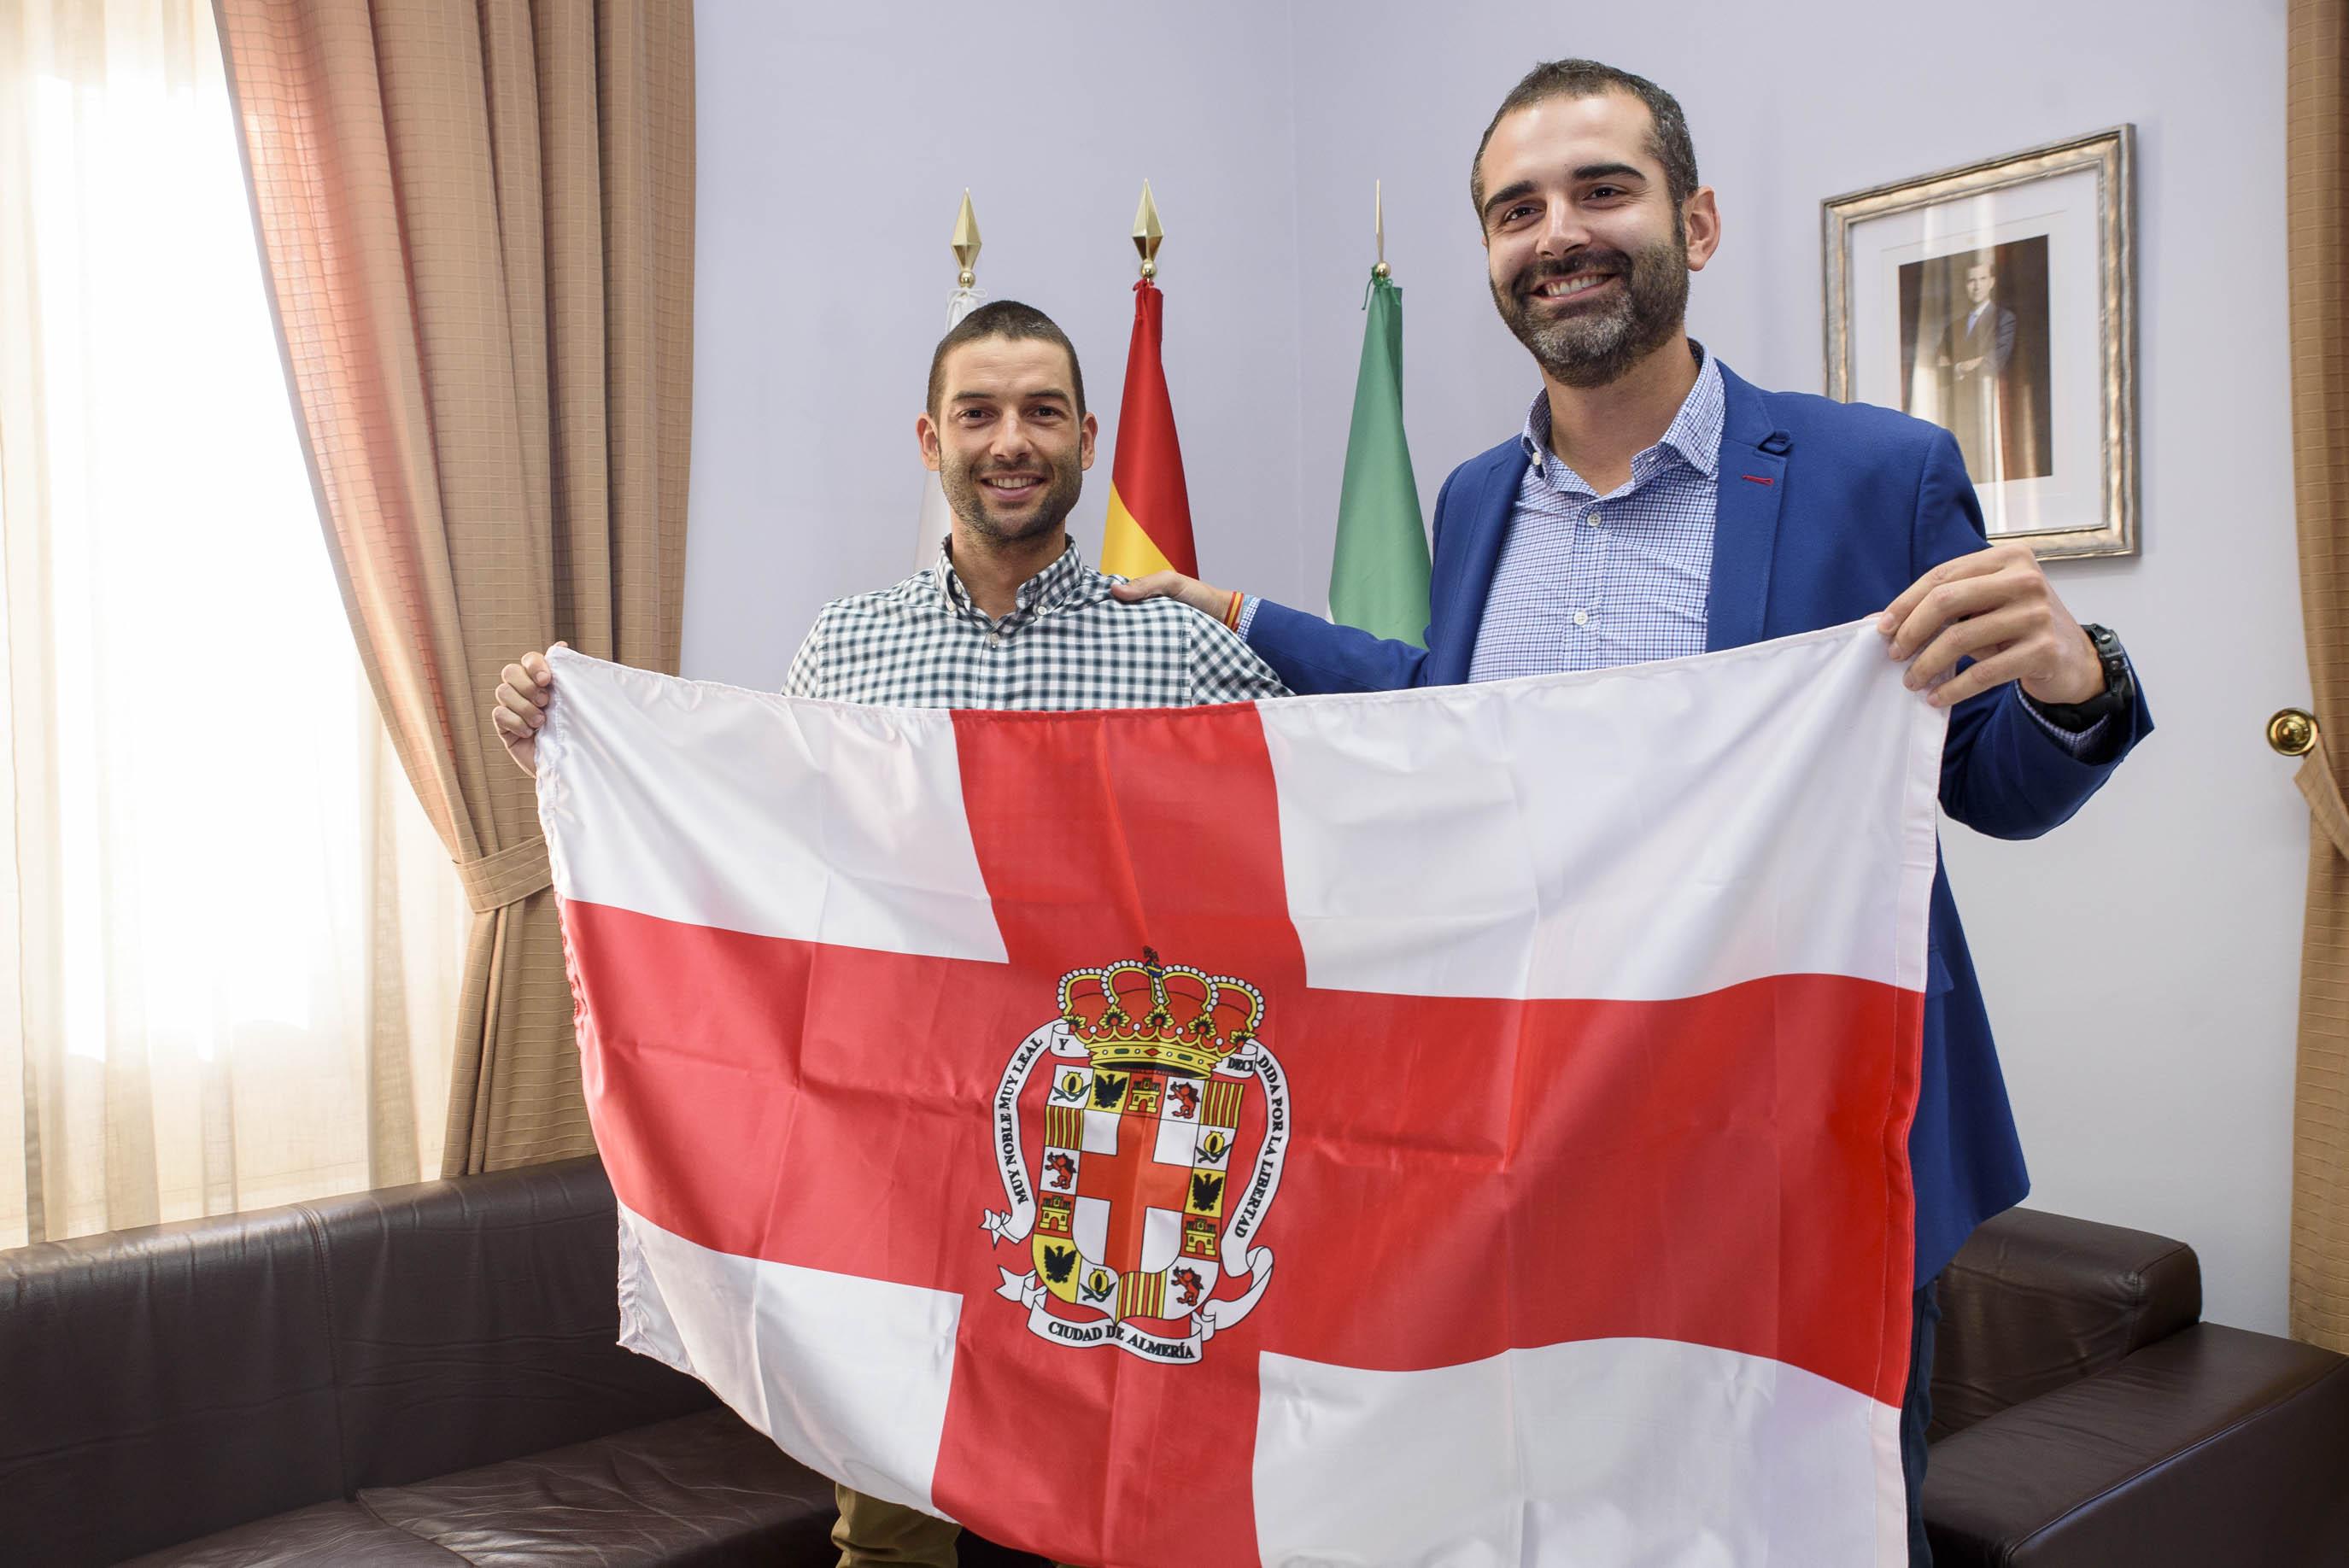 El alcalde hace entrega de una bandera de Almería al triatleta Rafael Lao, que participa en el Campeonato del Mundo Ironman de Hawaii